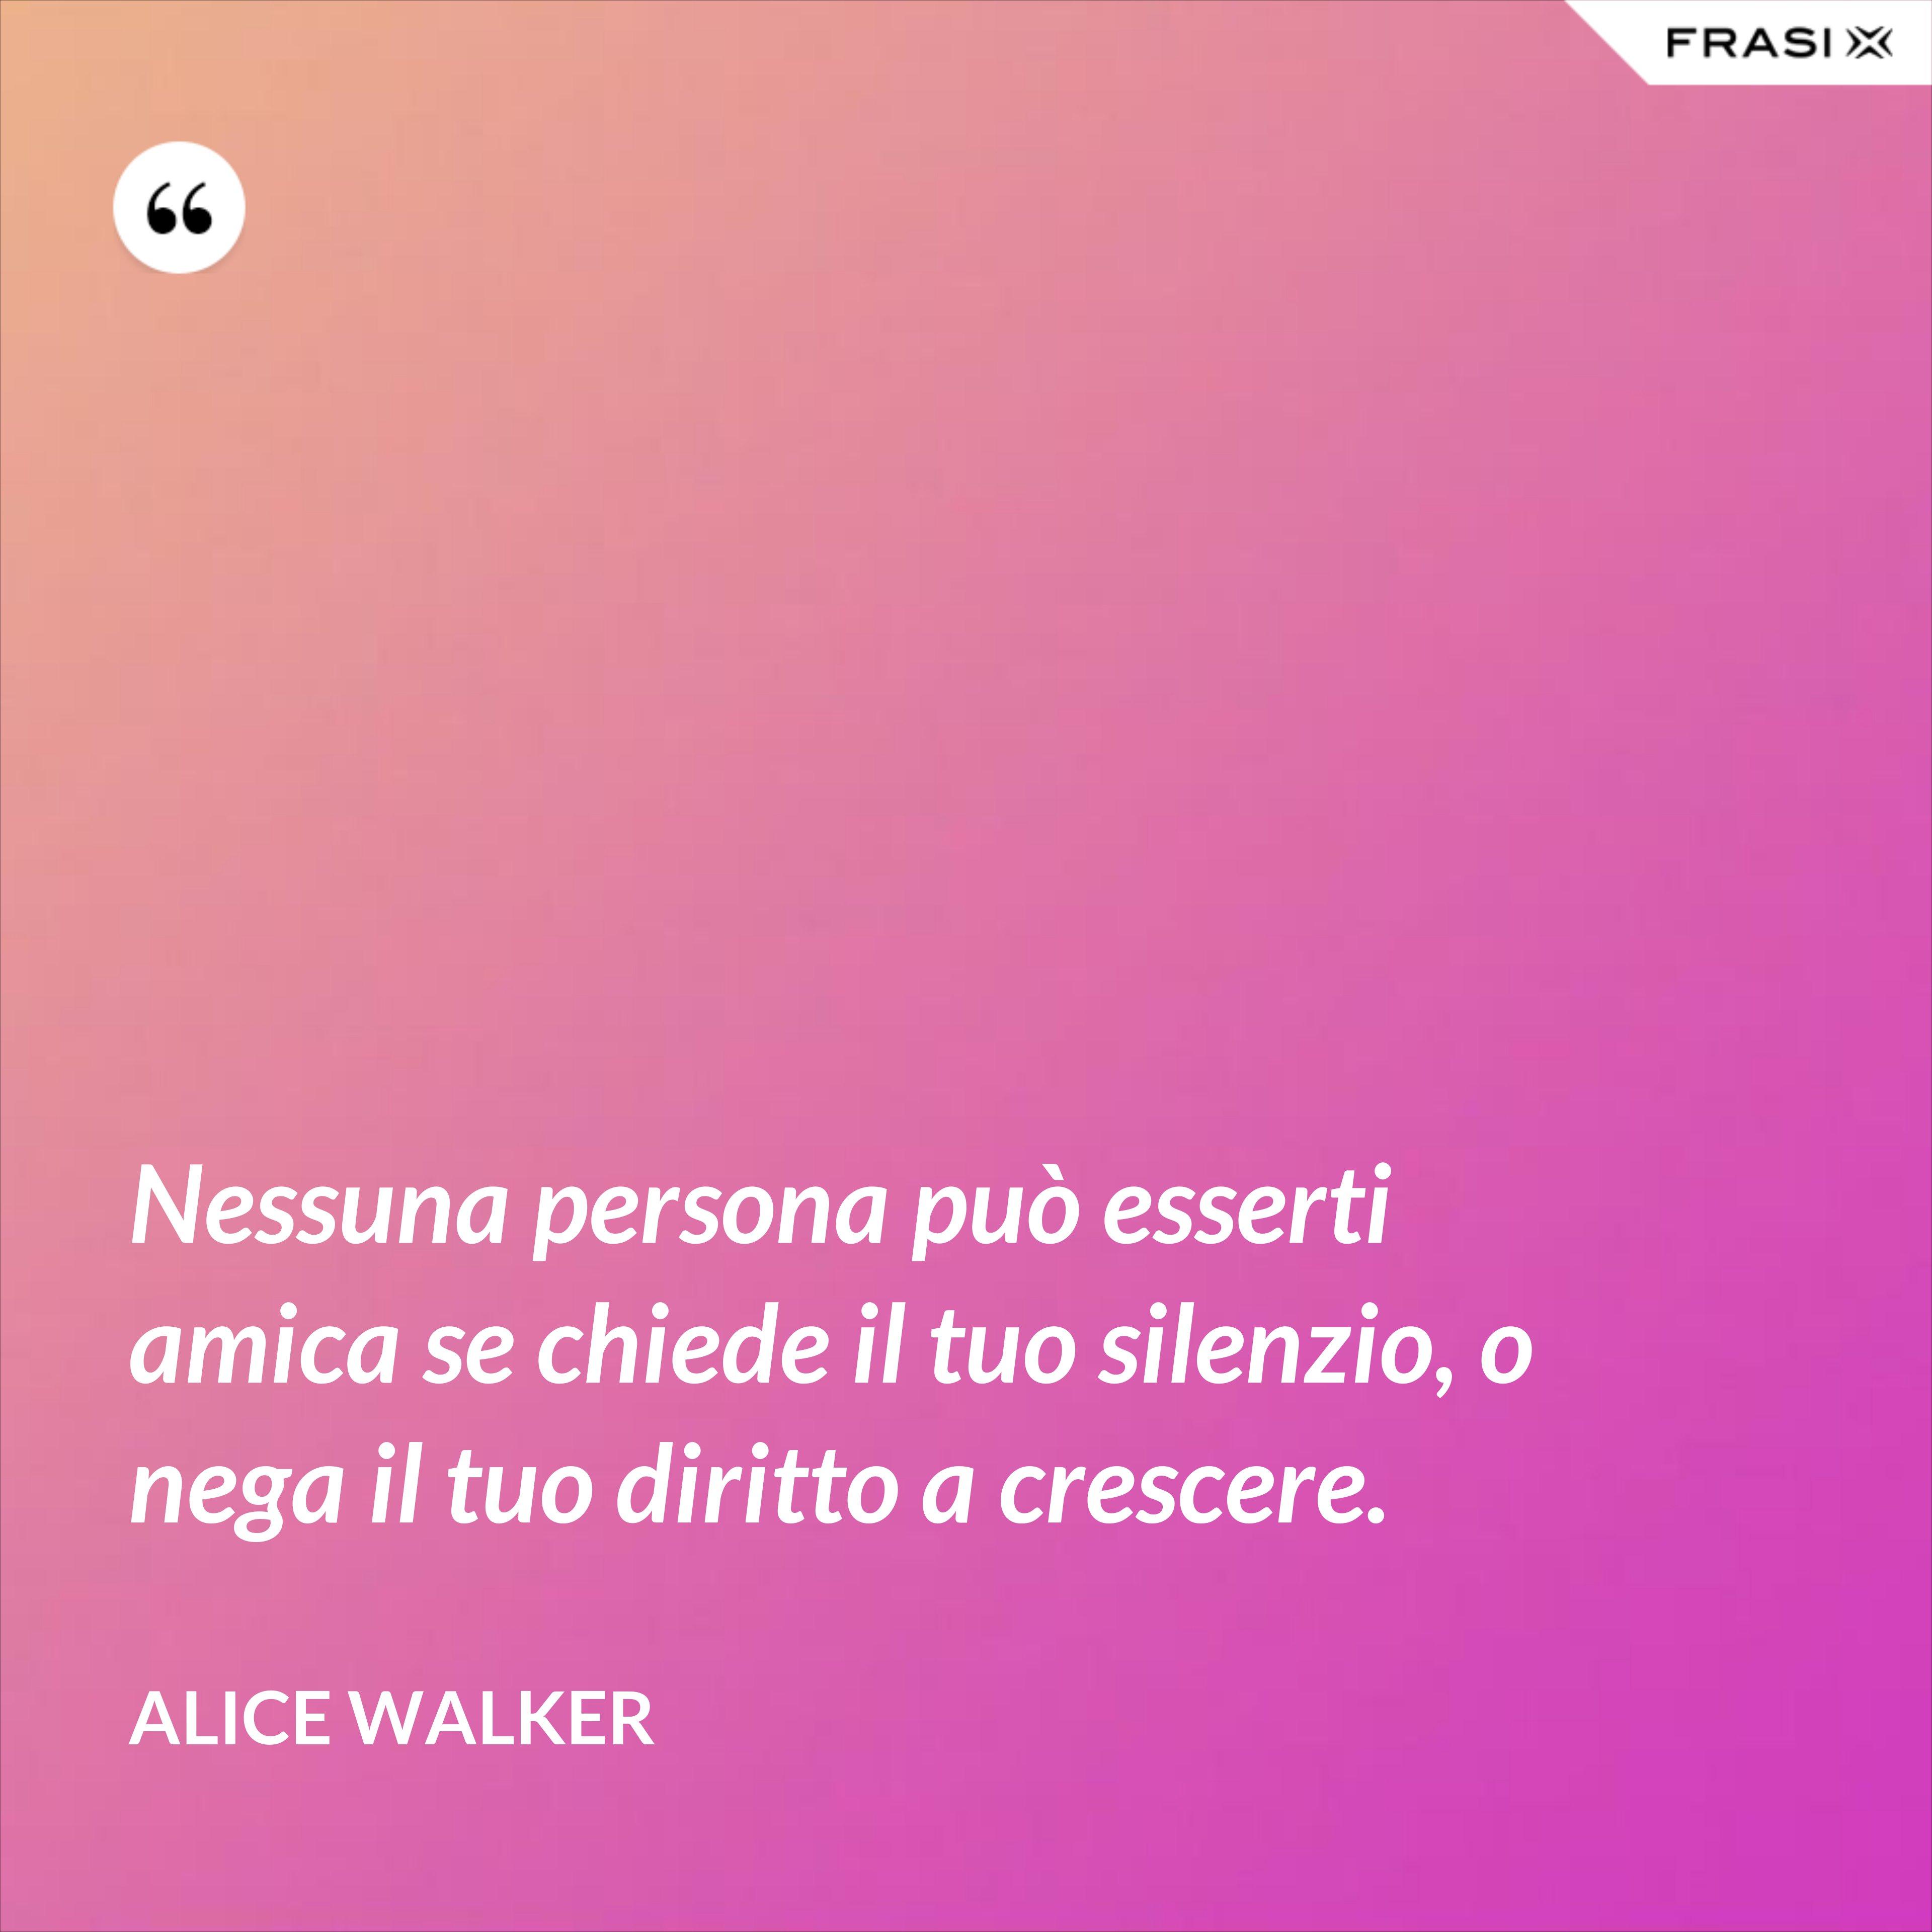 Nessuna persona può esserti amica se chiede il tuo silenzio, o nega il tuo diritto a crescere. - Alice Walker